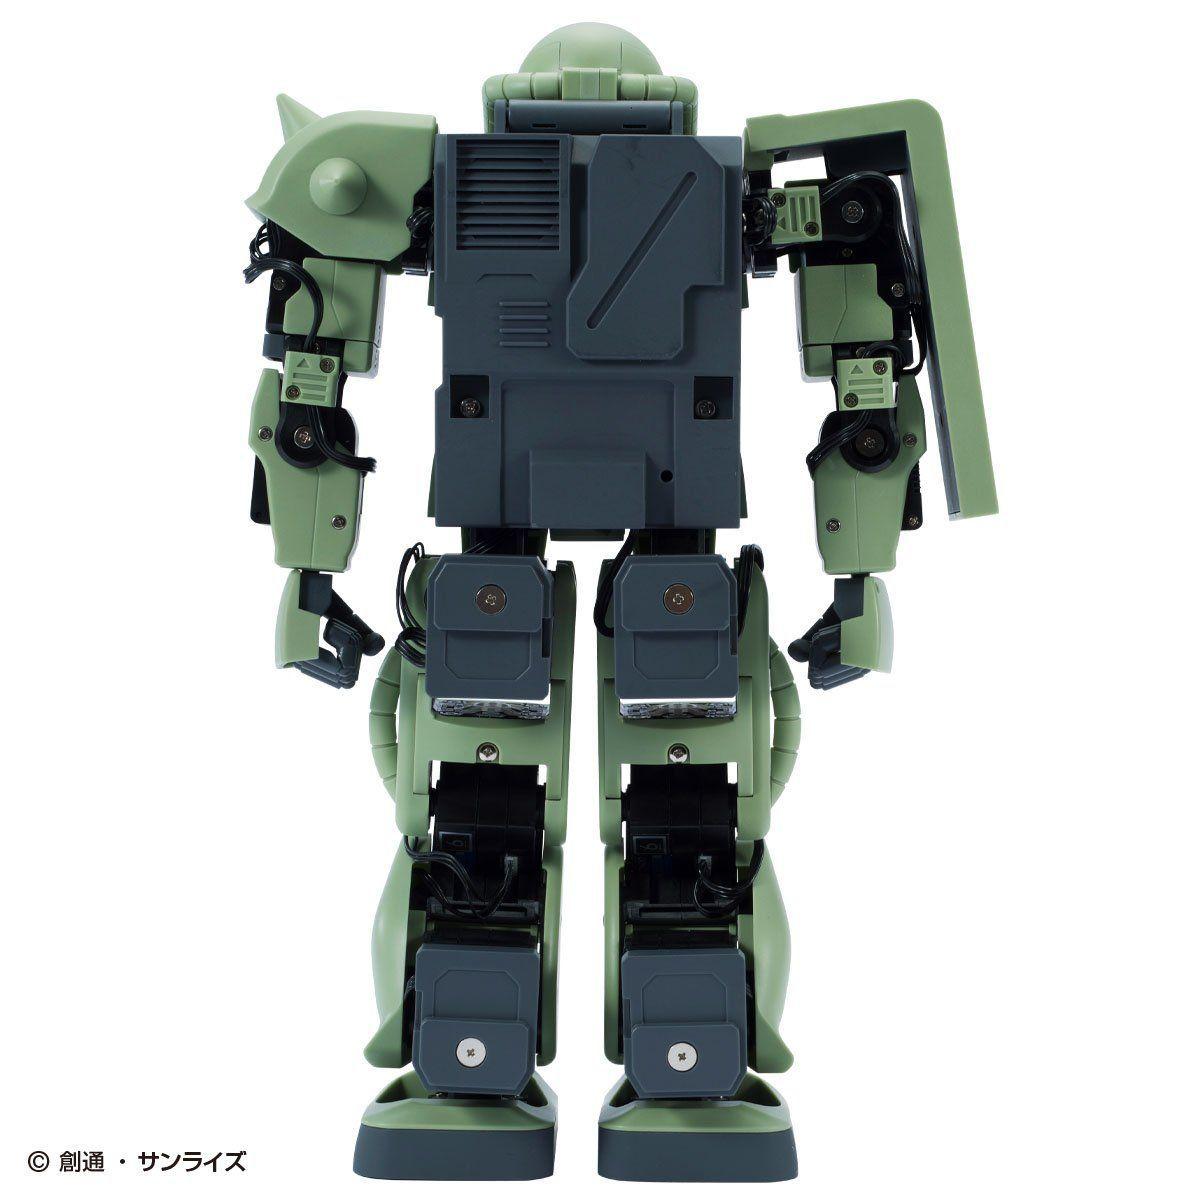 【限定販売】ジオニック社公式MS講習コース『EONIC TECHNICS(ジオニックテクニクス) Robotics and Programming CourseI』STEM学習教材-004